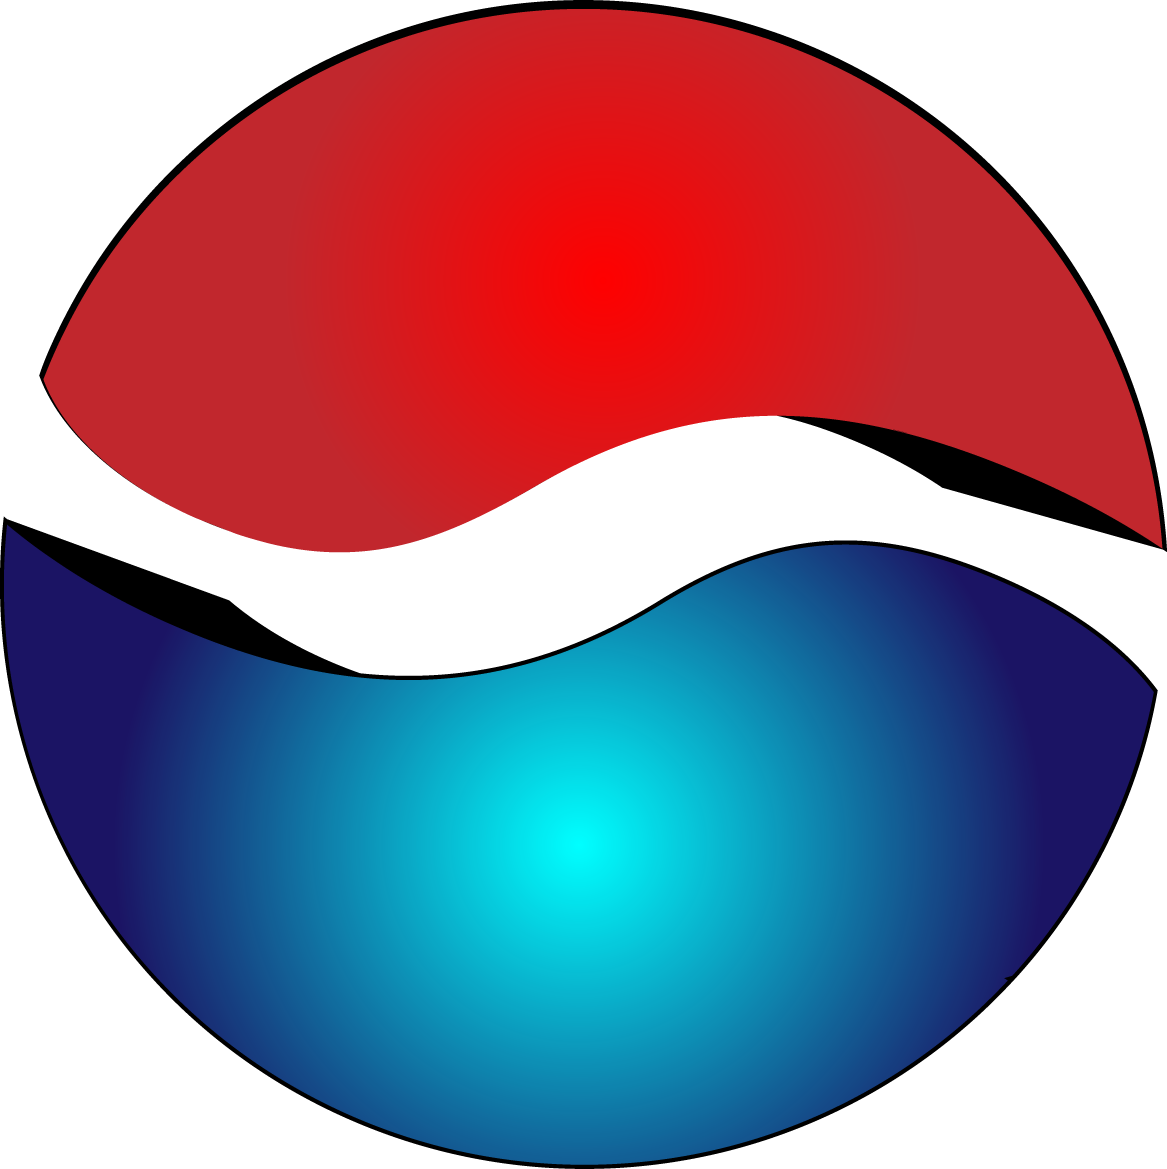 Pepsi png logo free transparent png logos new pepsi png logo 4267 buycottarizona